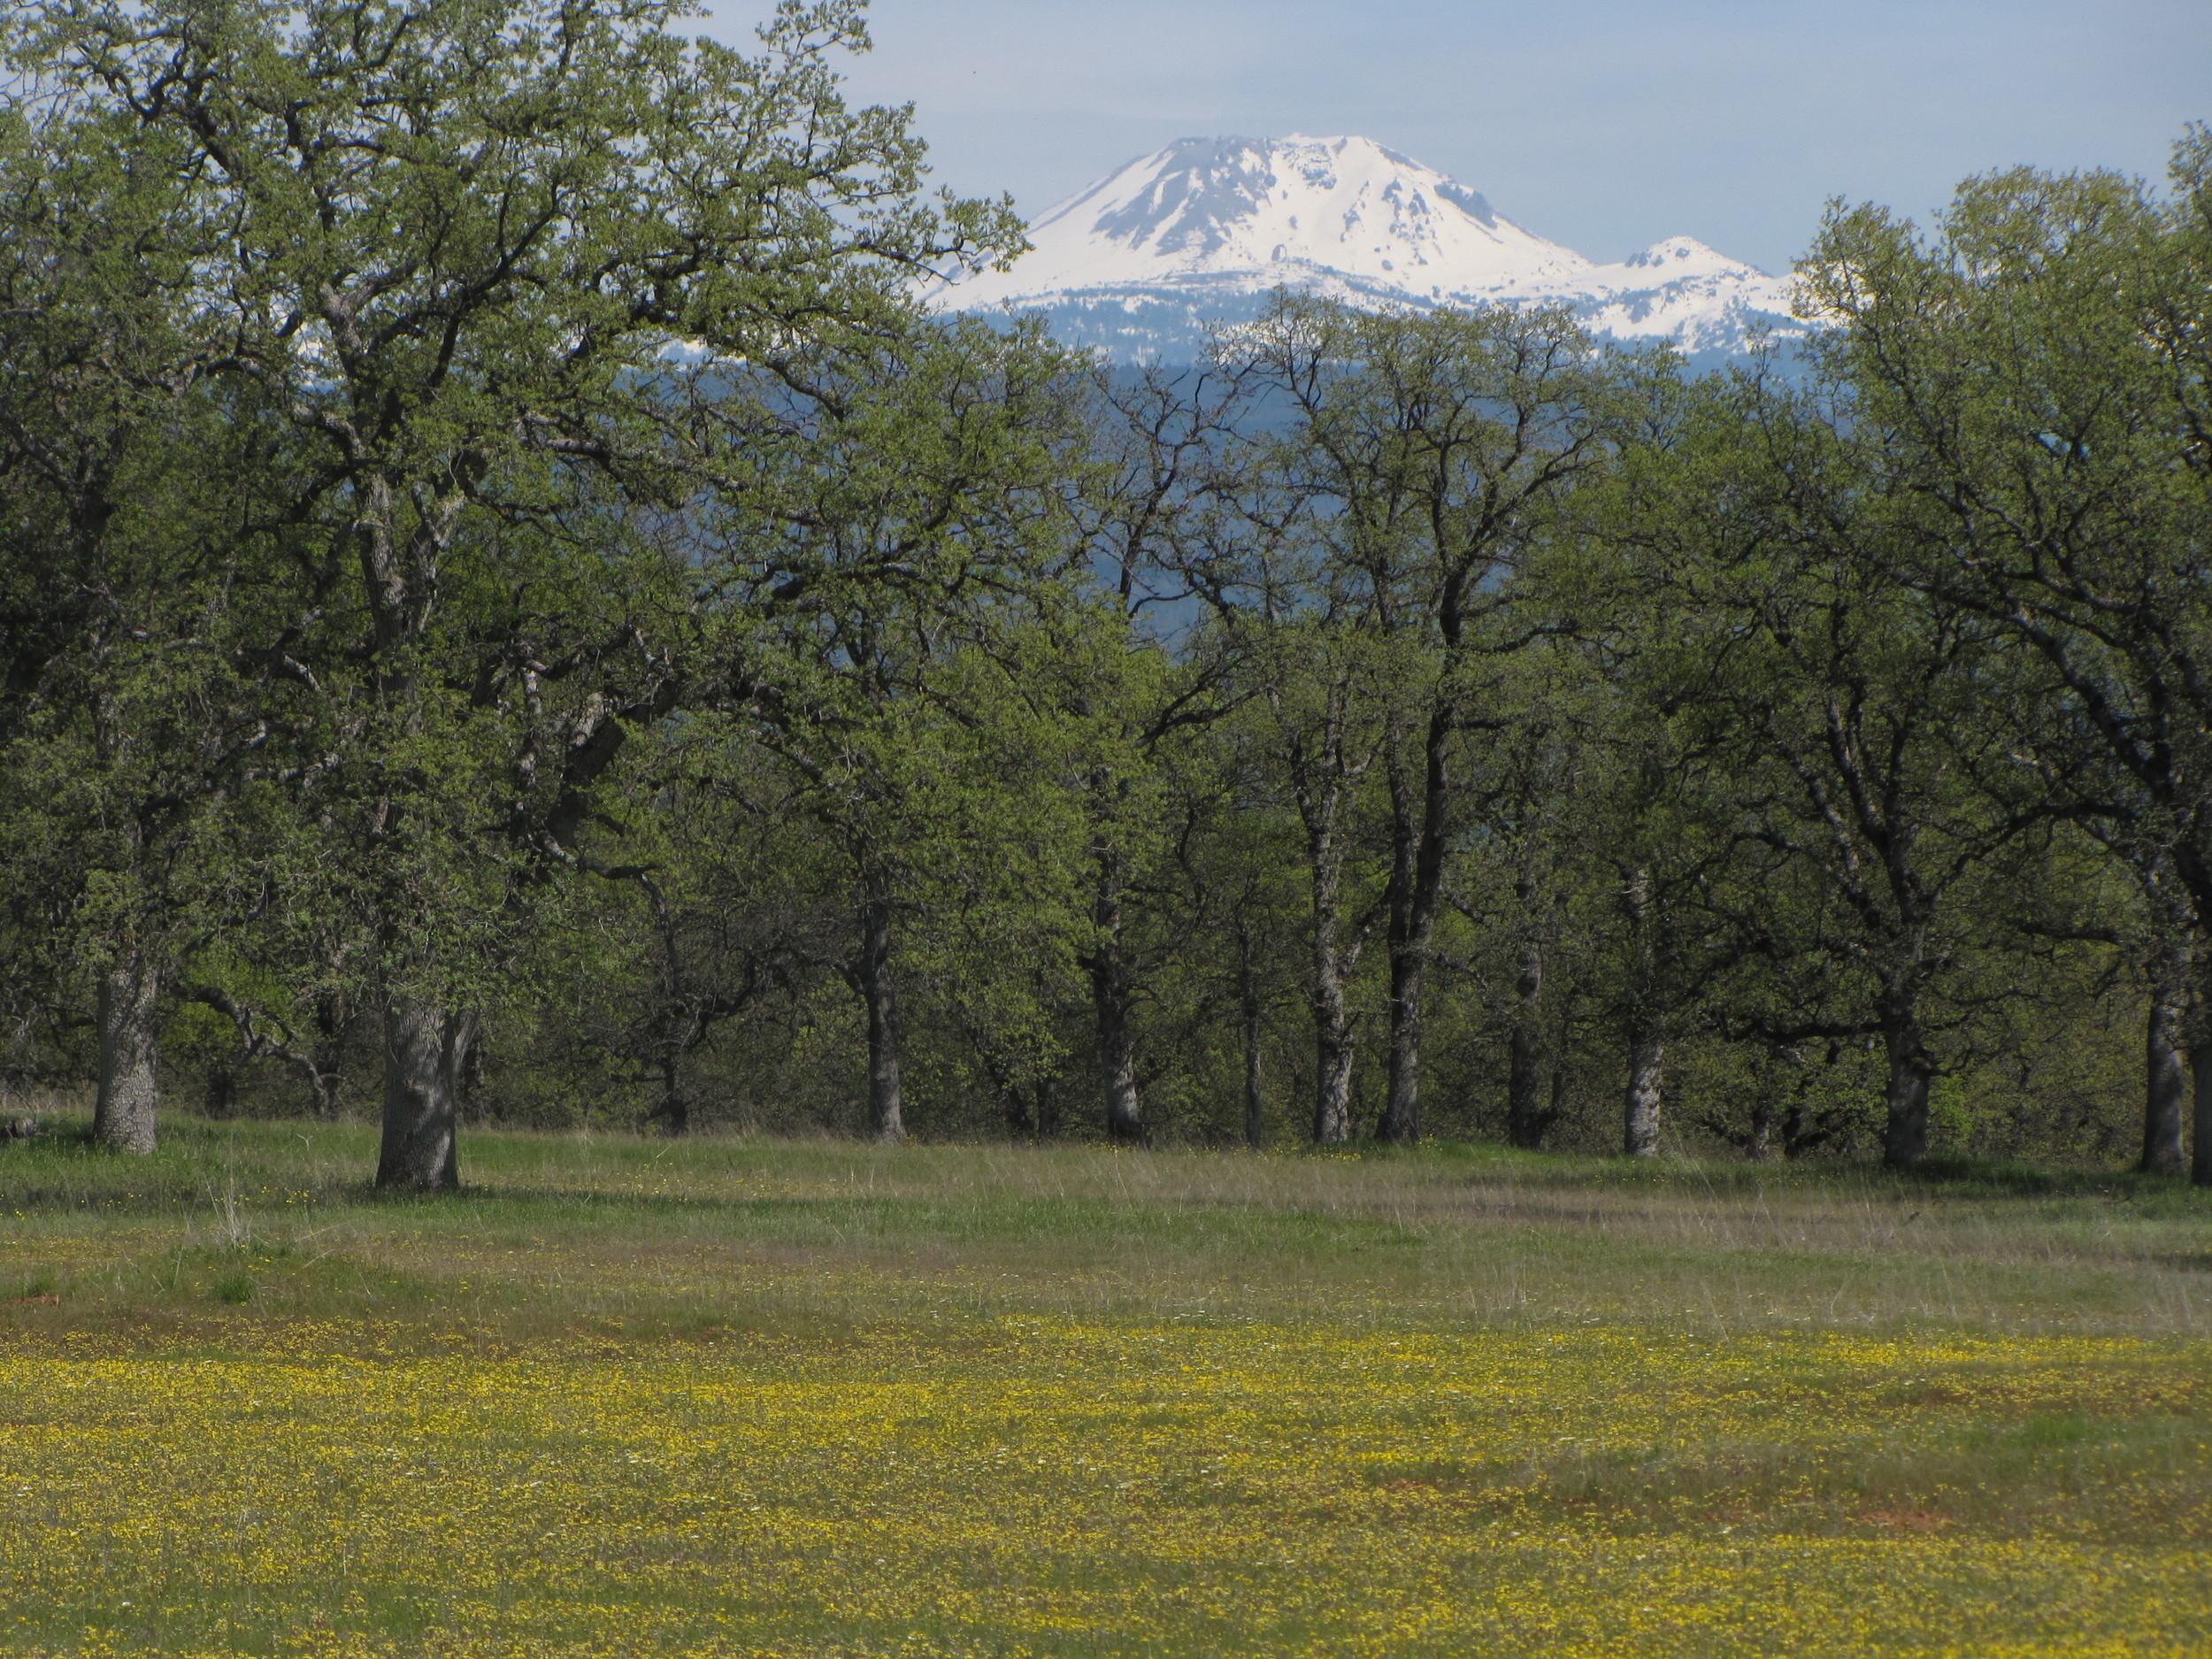 Fenwood Ranch